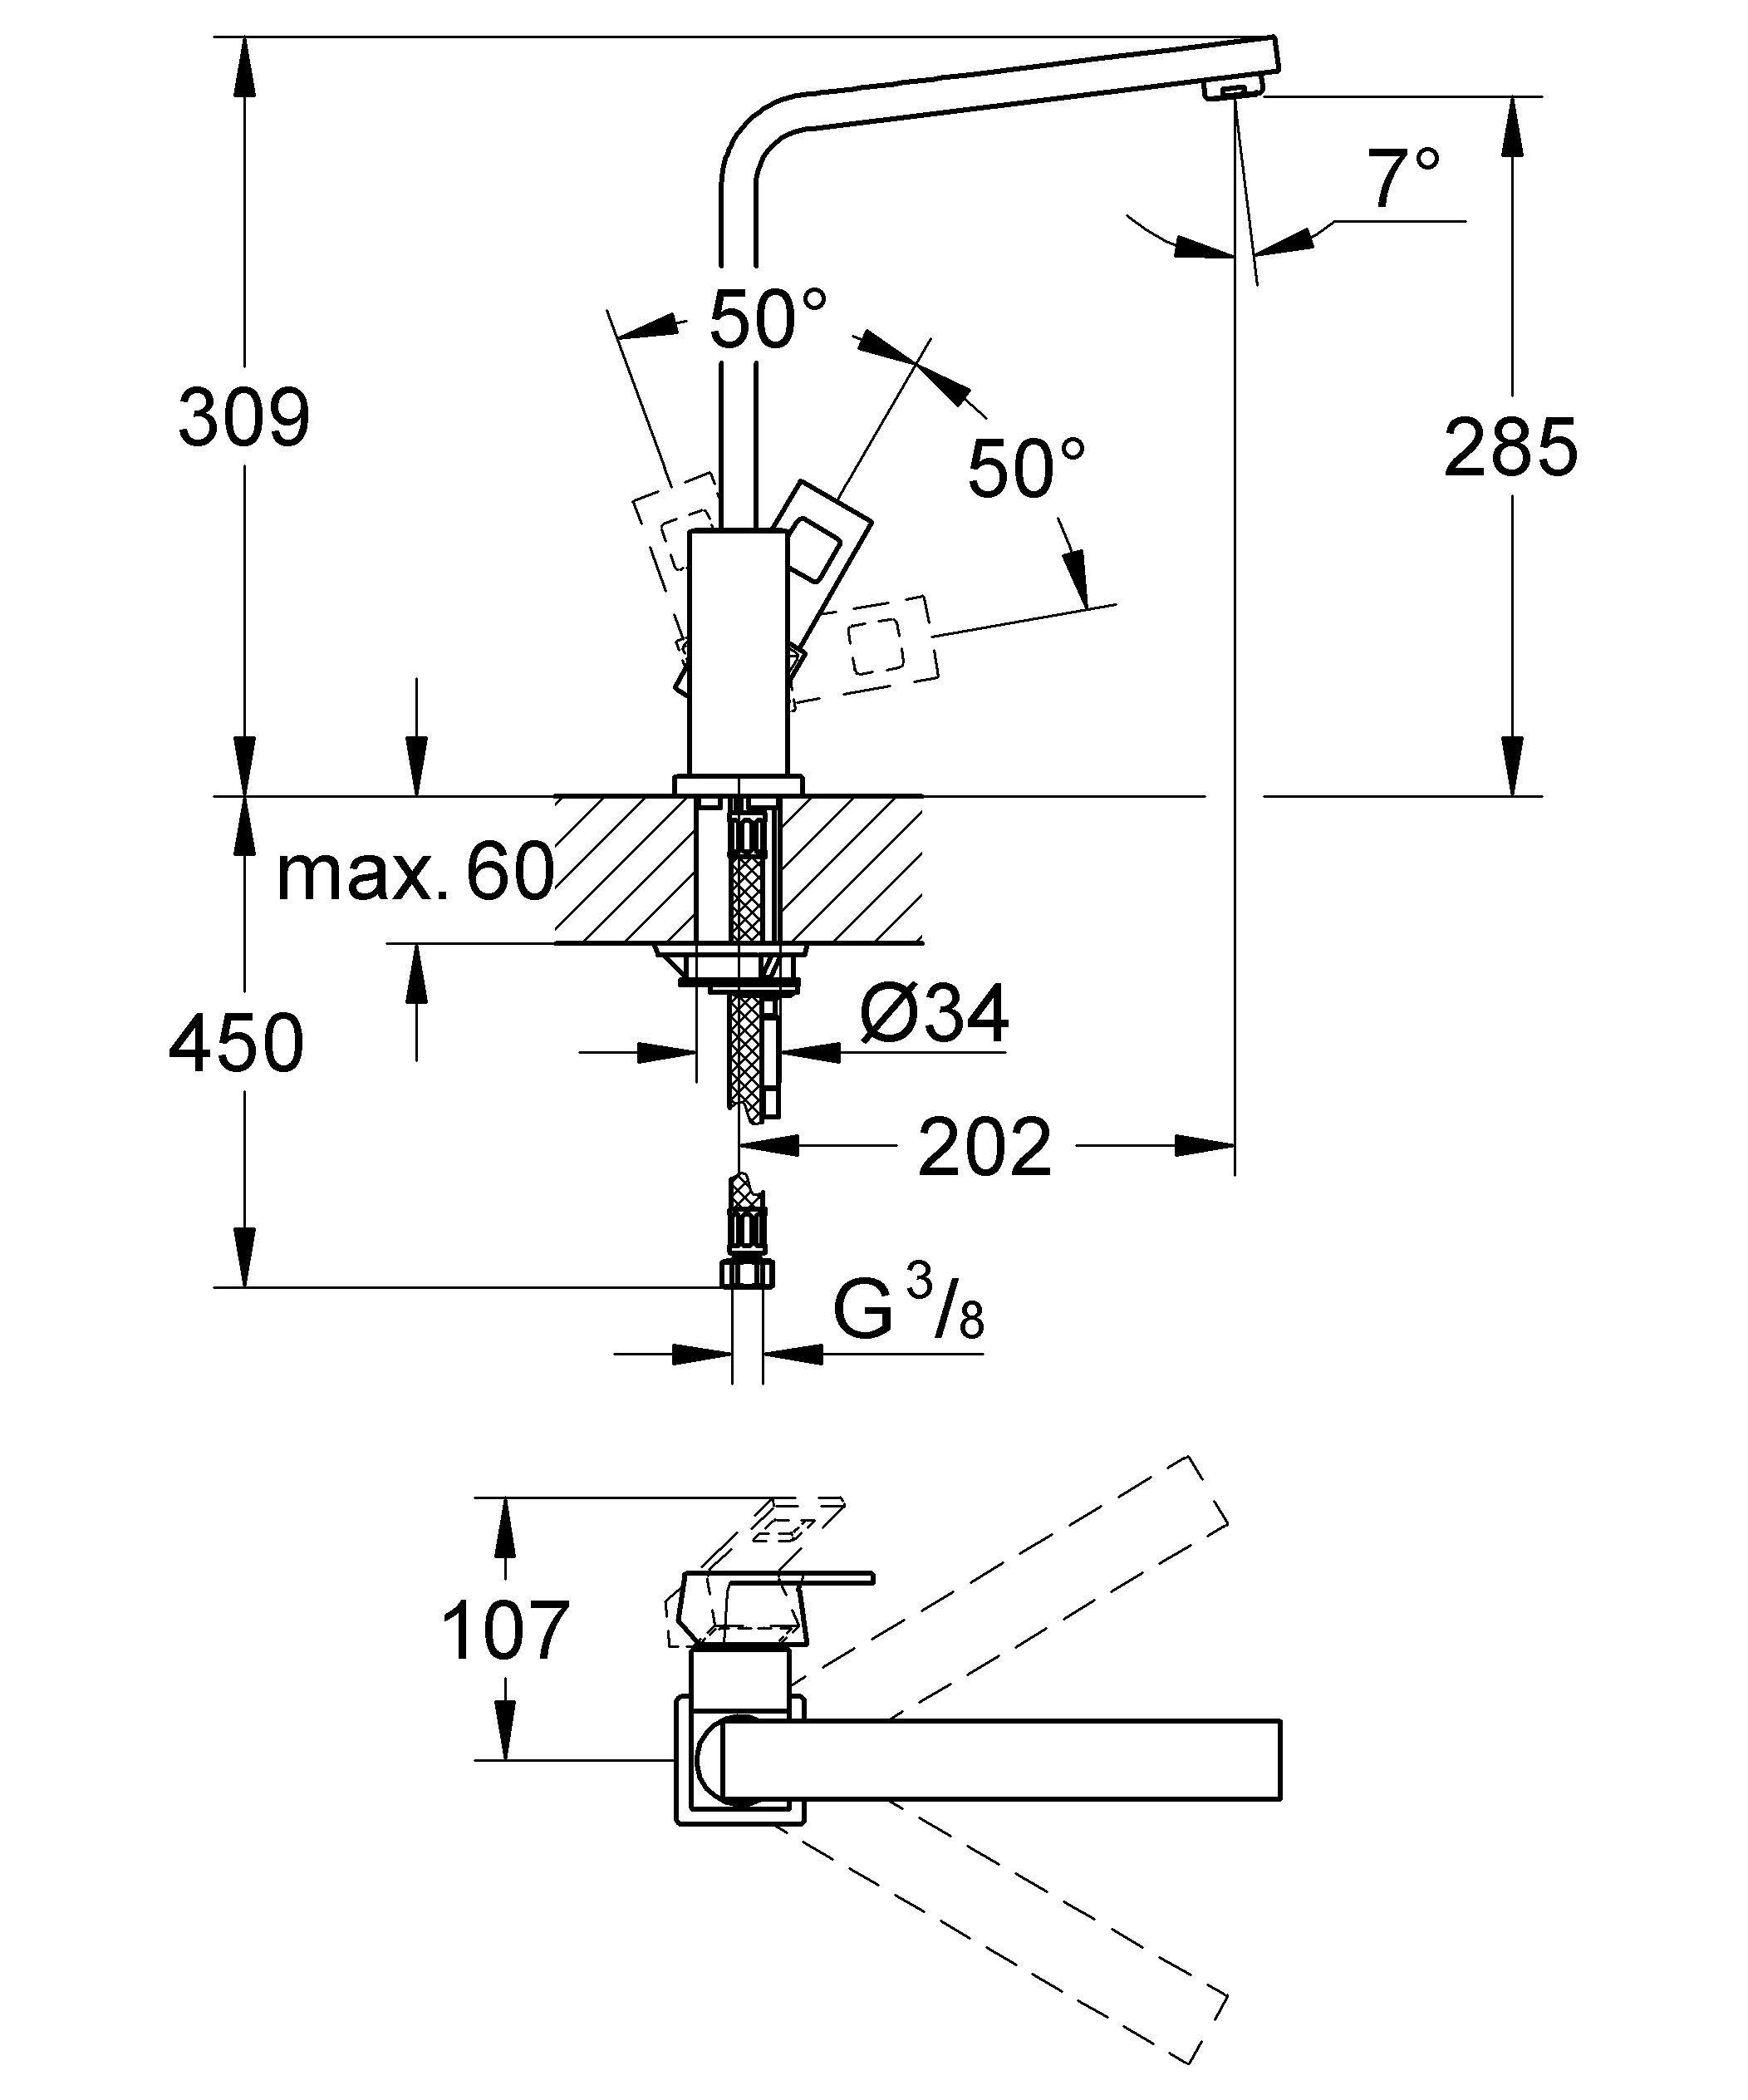 GROHE Eurocube: смеситель для кухни с непревзойденными технологиями, облаченными в эффектное дизайнерское решение Этот кухонный смеситель GROHE Eurocube с лаконичным дизайном, основанным на прямых линиях и квадратных формах, придаст интерьеру Вашей кухни особую выразительность. Благодаря износостойкому глянцевому хромированному покрытию GROHE StarLight, он всегда будет хранить свой безупречный первозданный вид. Эффектный и одновременно с этим практичный высокий излив поможет Вам с легкостью наполнять и ополаскивать высокие емкости. Возможность вращения излива в радиусе 360° обеспечивает максимально возможное удобство при работе на кухне. Технология GROHE SilkMove, которая применяется в конструкции картриджа, гарантирует плавность и легкость регулировки температуры и напора воды. Наша фирменная система упрощенного монтажа позволит выполнить установку этого смесителя для мойки быстро и без затруднений. Перед Вами – совершенный во всех отношениях смеситель кубических форм. Особенности:   Высокий излив  Монтаж на одно отверстие  GROHE SilkMove керамический картридж 28 мм  GROHE StarLight хромированная поверхность   Поворотный литой излив  Радиус поворота 360°  Аэратор  Гибкая подводка  Система быстрого монтажа    Видео по установке является исключительно информационным. Установка должна проводиться профессионалами!